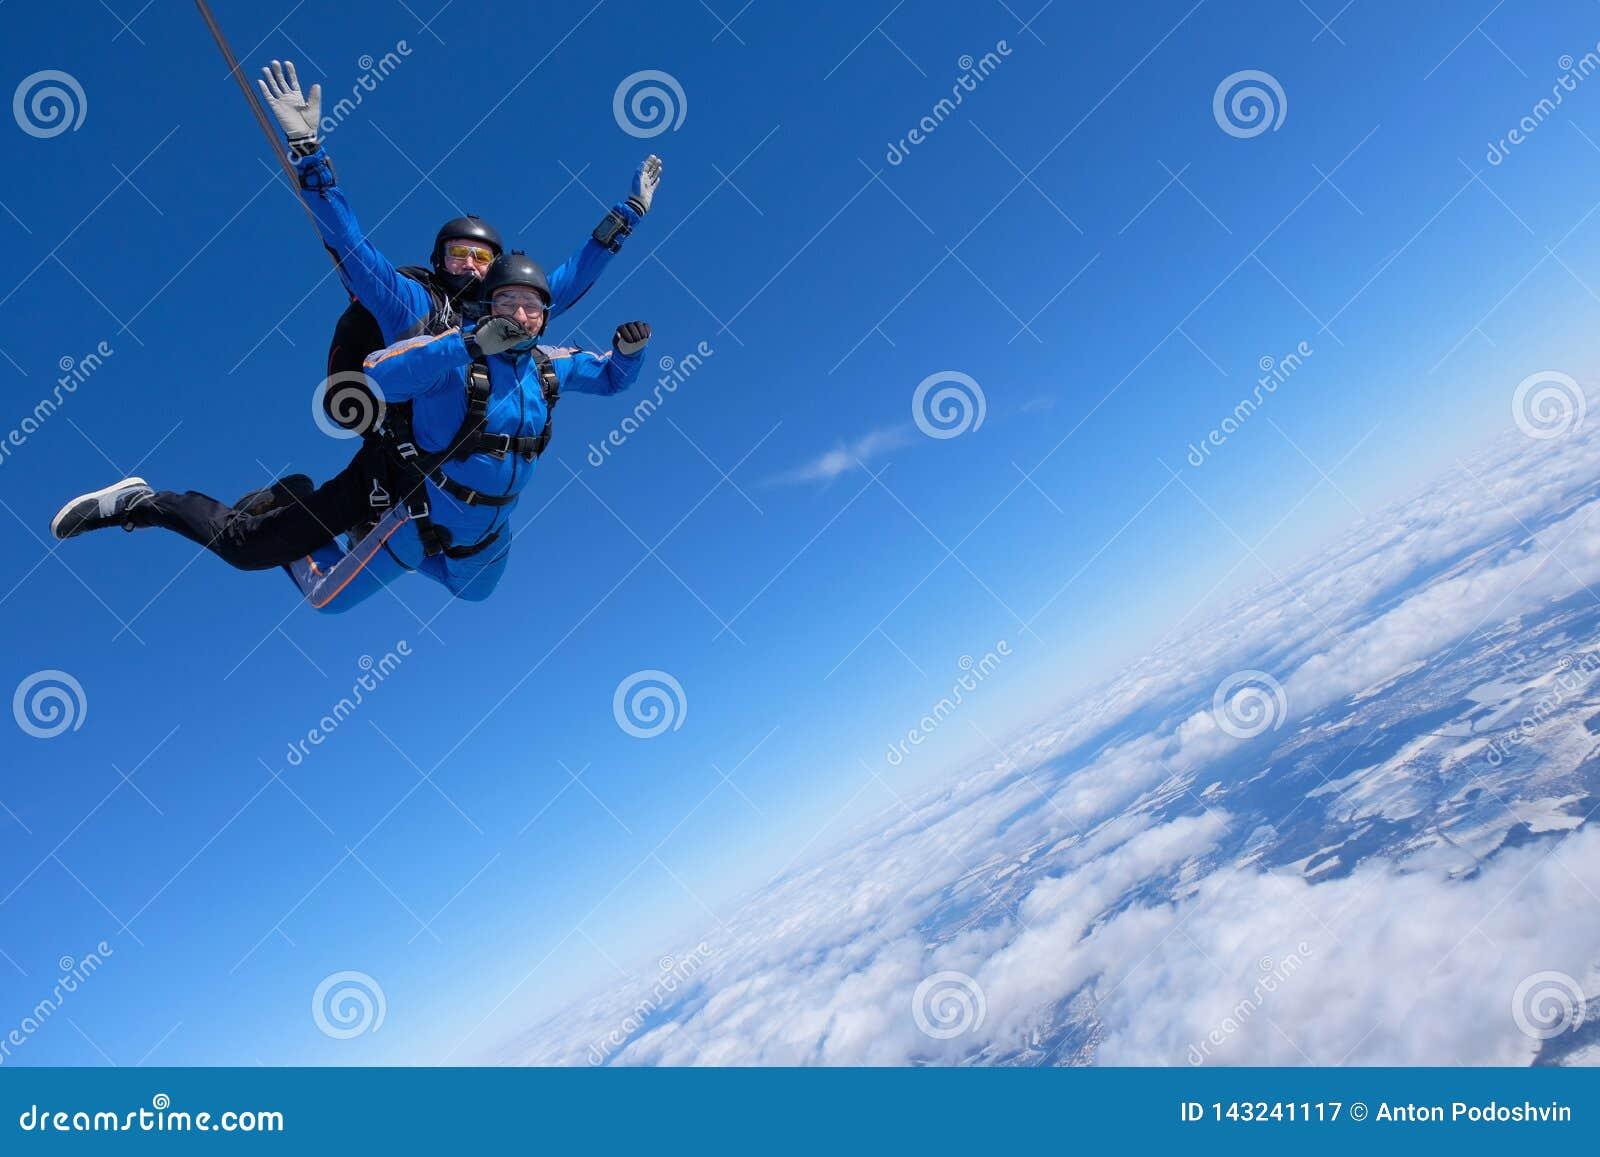 Διαδοχική ελεύθερη πτώση με αλεξίπτωτο Δύο τύποι είναι στο μπλε ουρανό